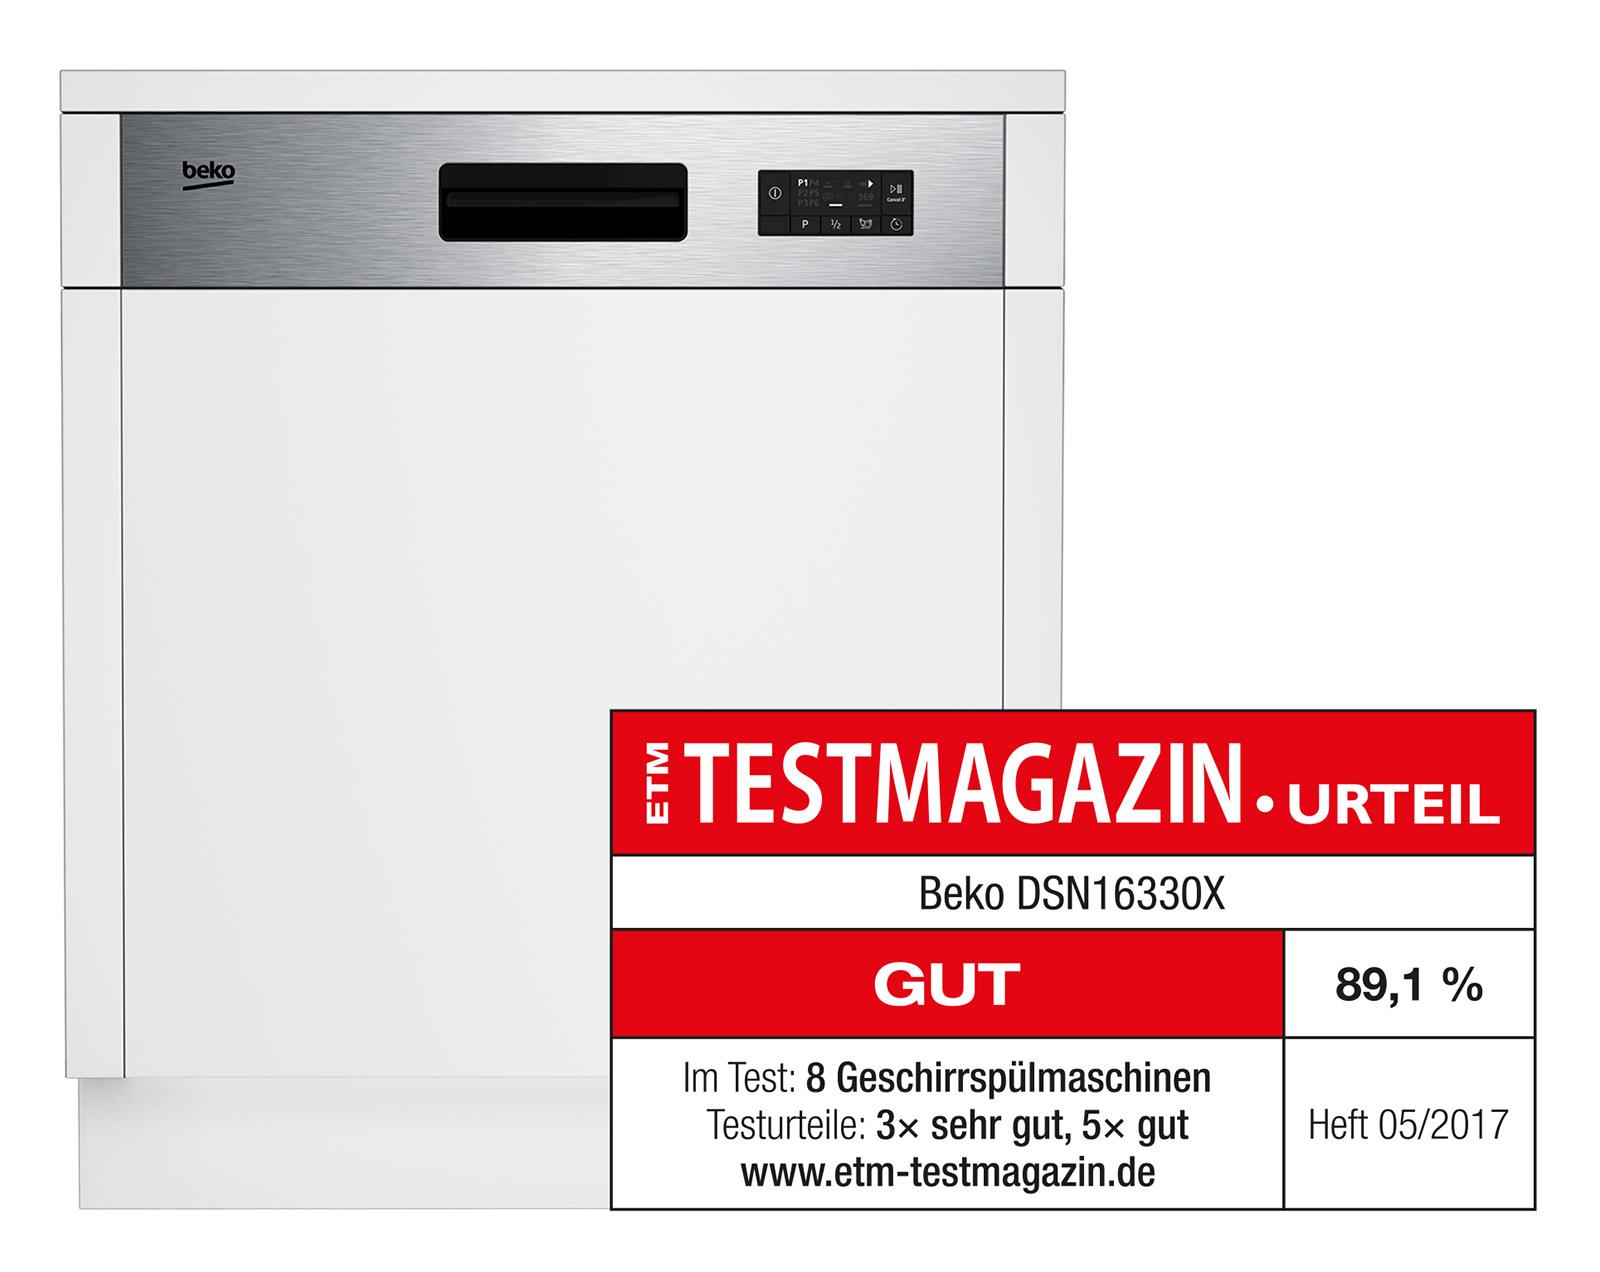 """Praktisch und effizient: Das ETM Testmagazin bewertet den Geschirrspüler DSN16330X von Beko mit dem Gesamtergebnis """"Gut""""."""